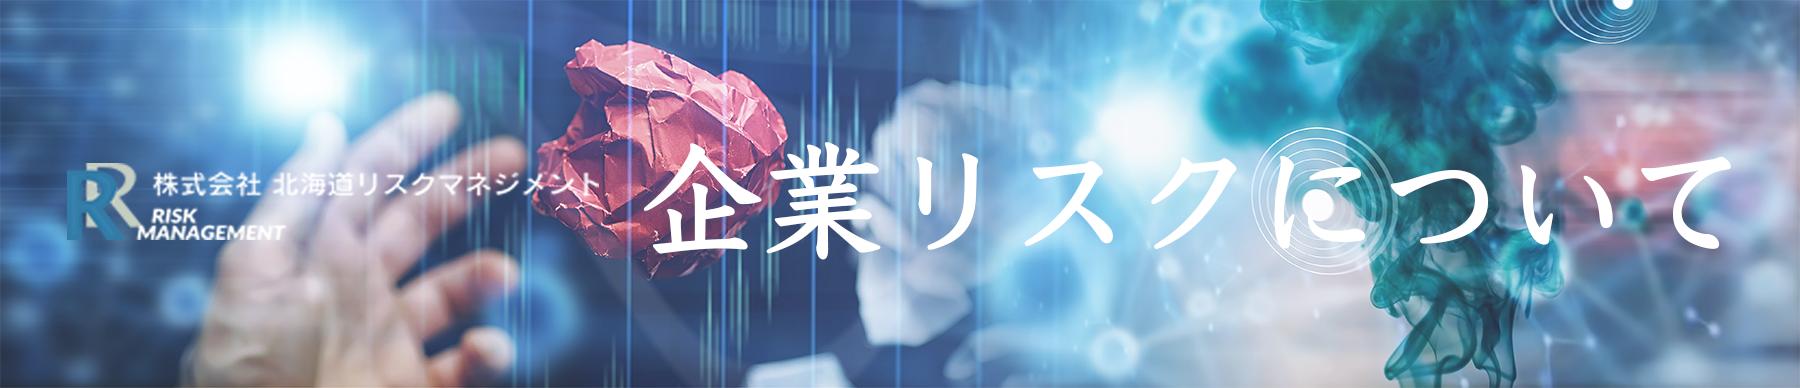 企業リスクとは   株式会社 北海道リスクマネジメント